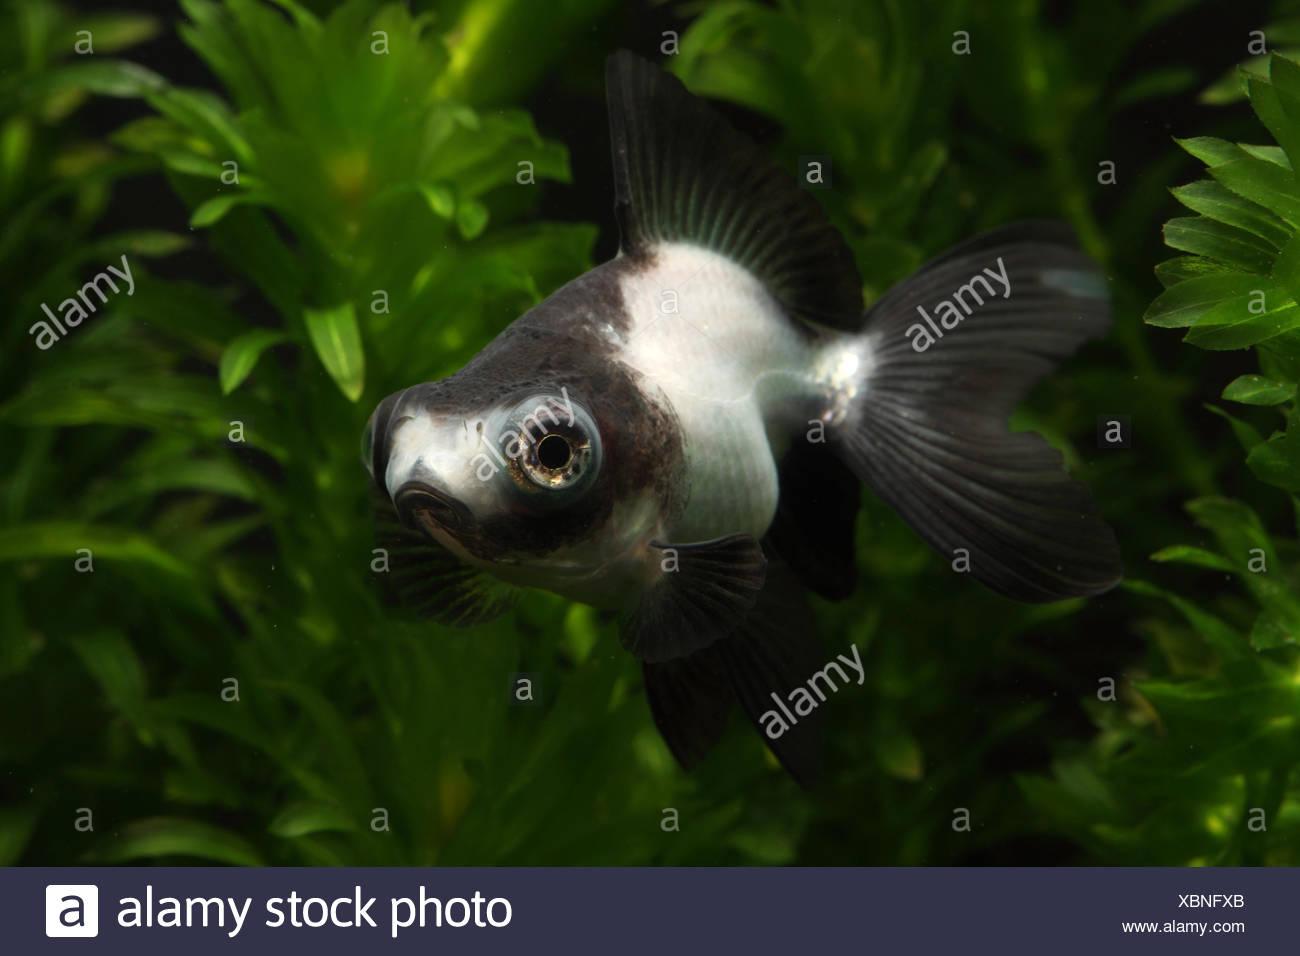 Panda Butterfly Goldfish Stock Photo Alamy